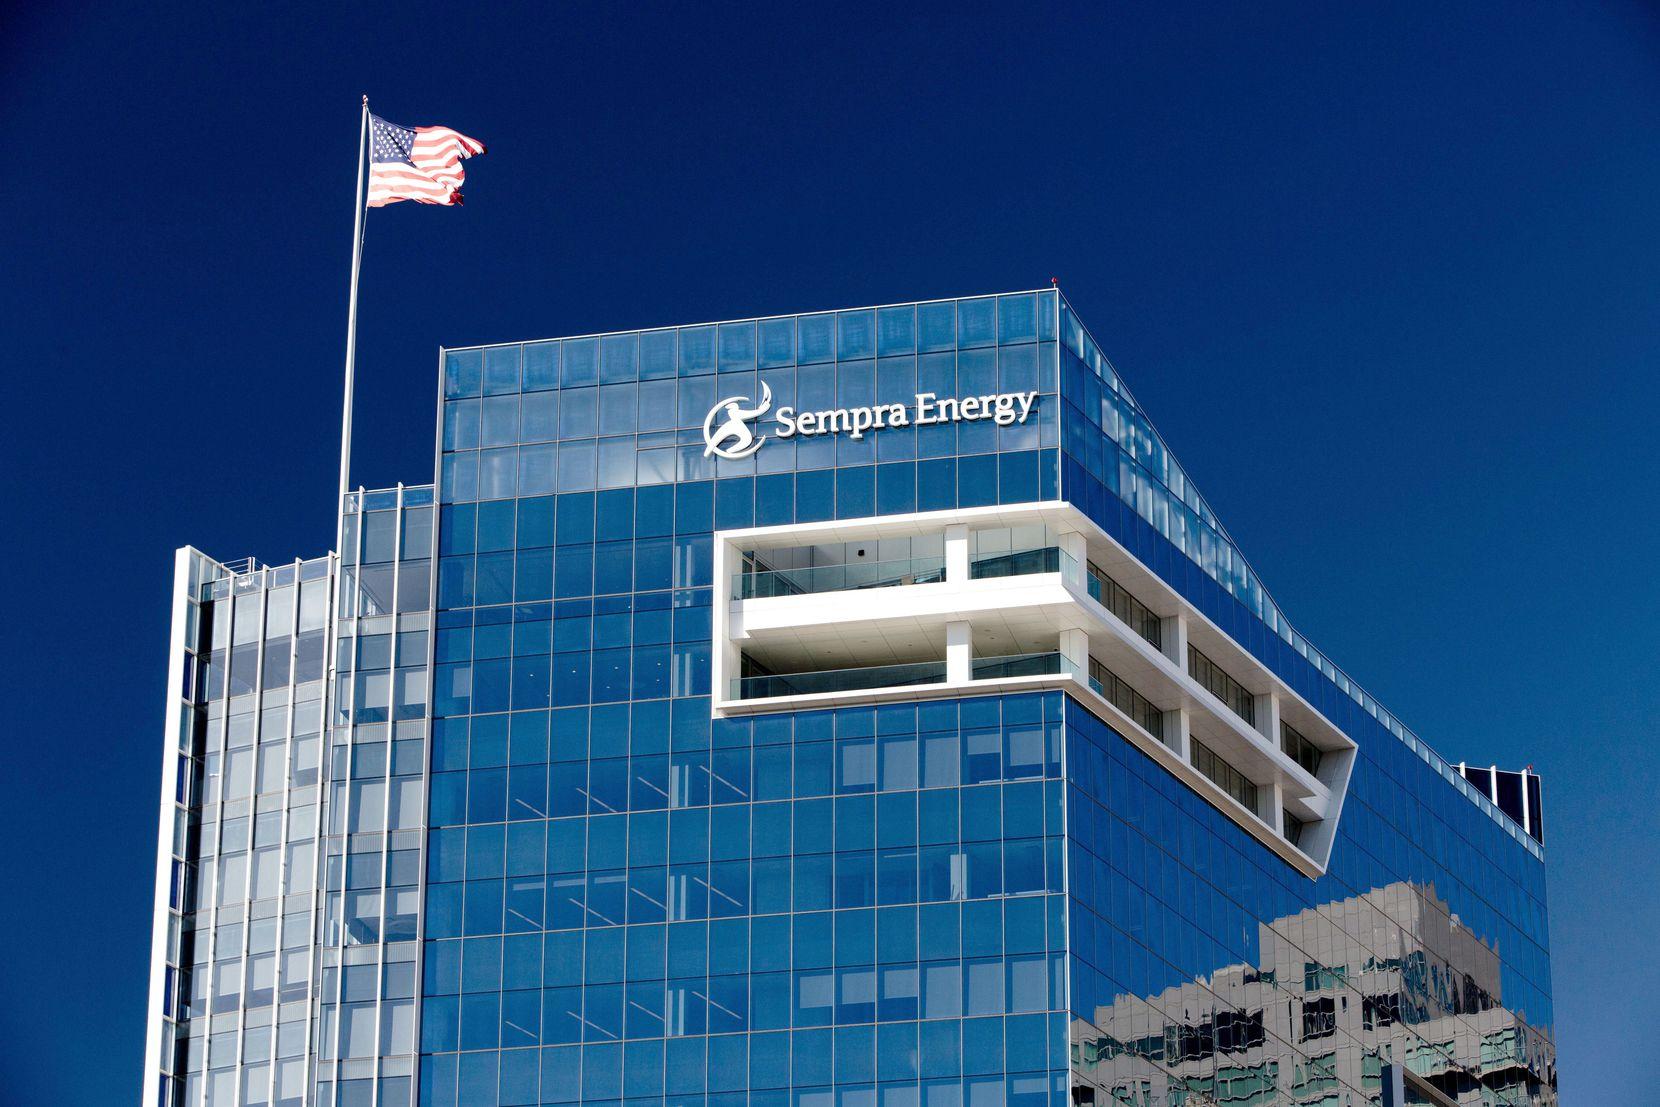 Headquarters of Sempra Energy in San Diego.